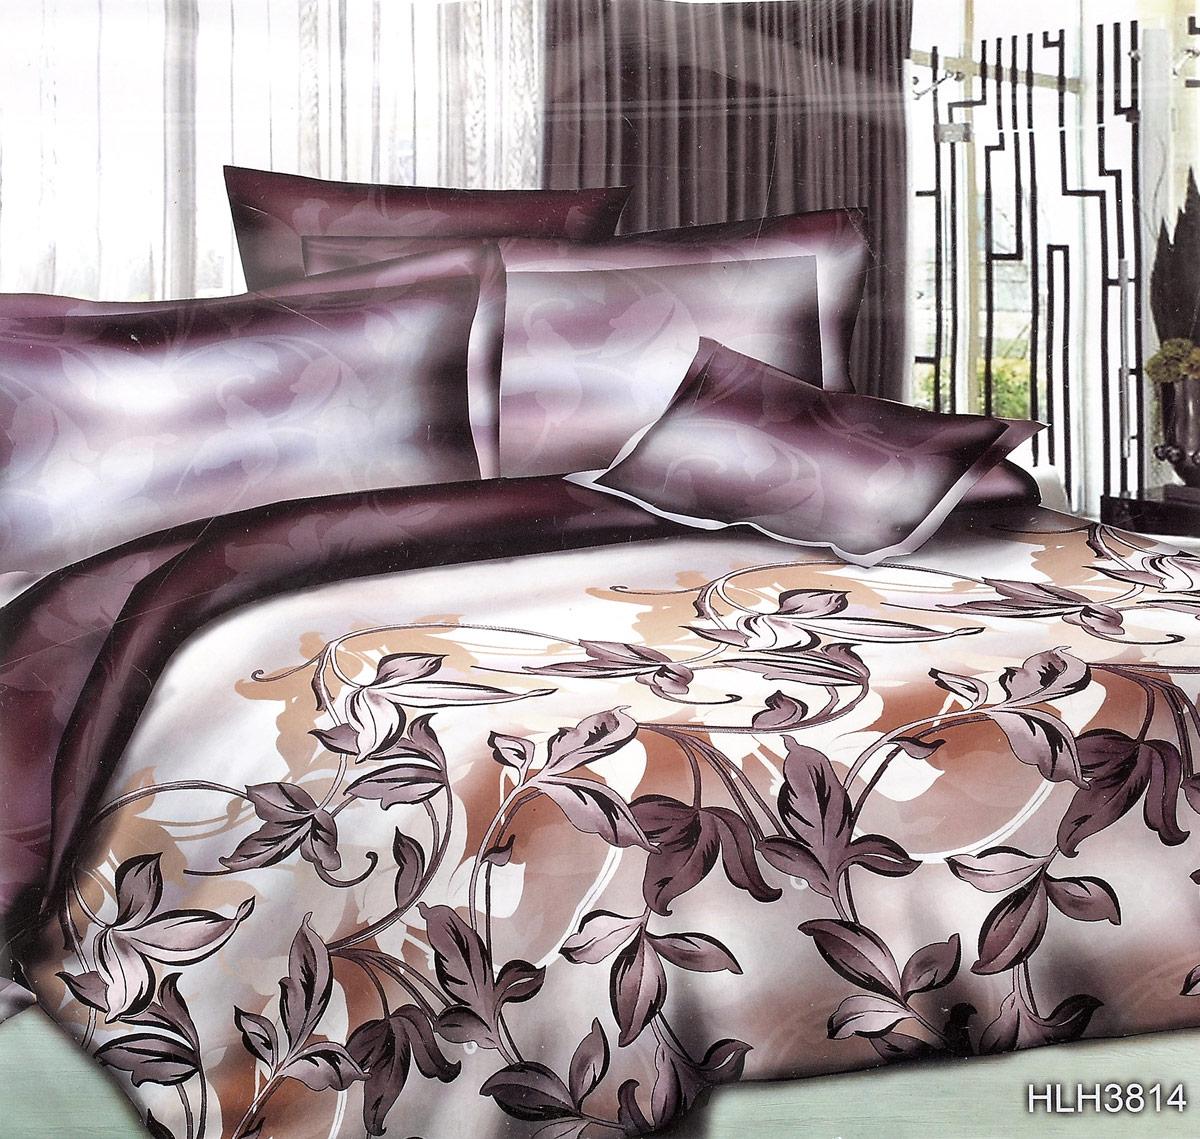 Комплект белья ЭГО Шанталь, 2-спальный, наволочки 70x70Э-2026-02Комплект белья ЭГО Шанталь выполнен из полисатина (50% хлопка, 50% полиэстера). Комплект состоит из пододеяльника, простыни и двух наволочек. Постельное белье имеет изысканный внешний вид и яркую цветовую гамму. Гладкая структура делает ткань приятной на ощупь, мягкой и нежной, при этом она прочная и хорошо сохраняет форму. Ткань легко гладится, не линяет и не садится. Приобретая комплект постельного белья ЭГО Шанталь, вы можете быть уверенны в том, что покупка доставит вам и вашим близким удовольствие и подарит максимальный комфорт.